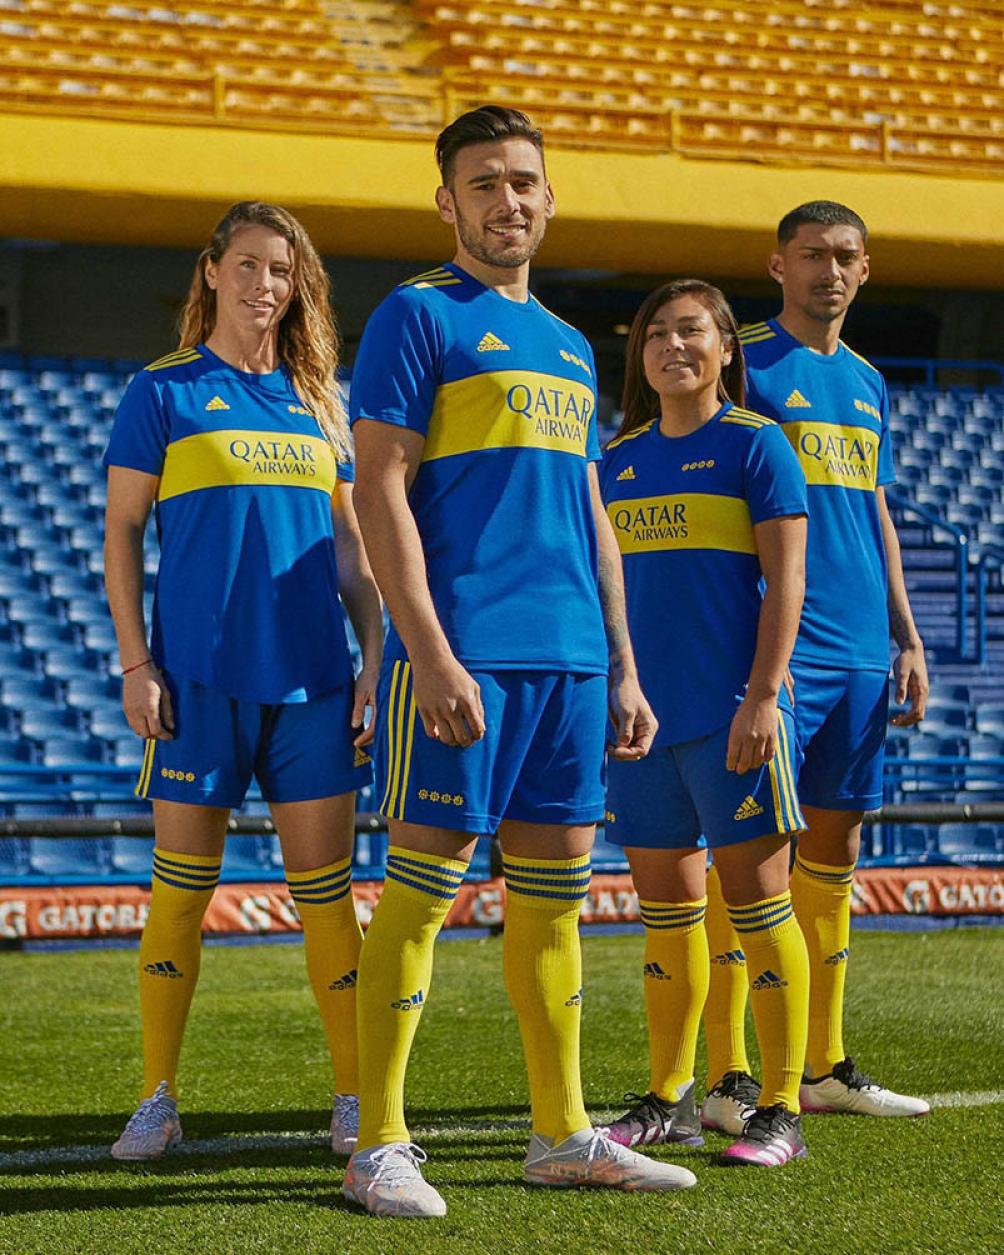 El estreno de la camiseta se producirá el domingo próximo en el partido que Boca jugará frente a Estudiantes.